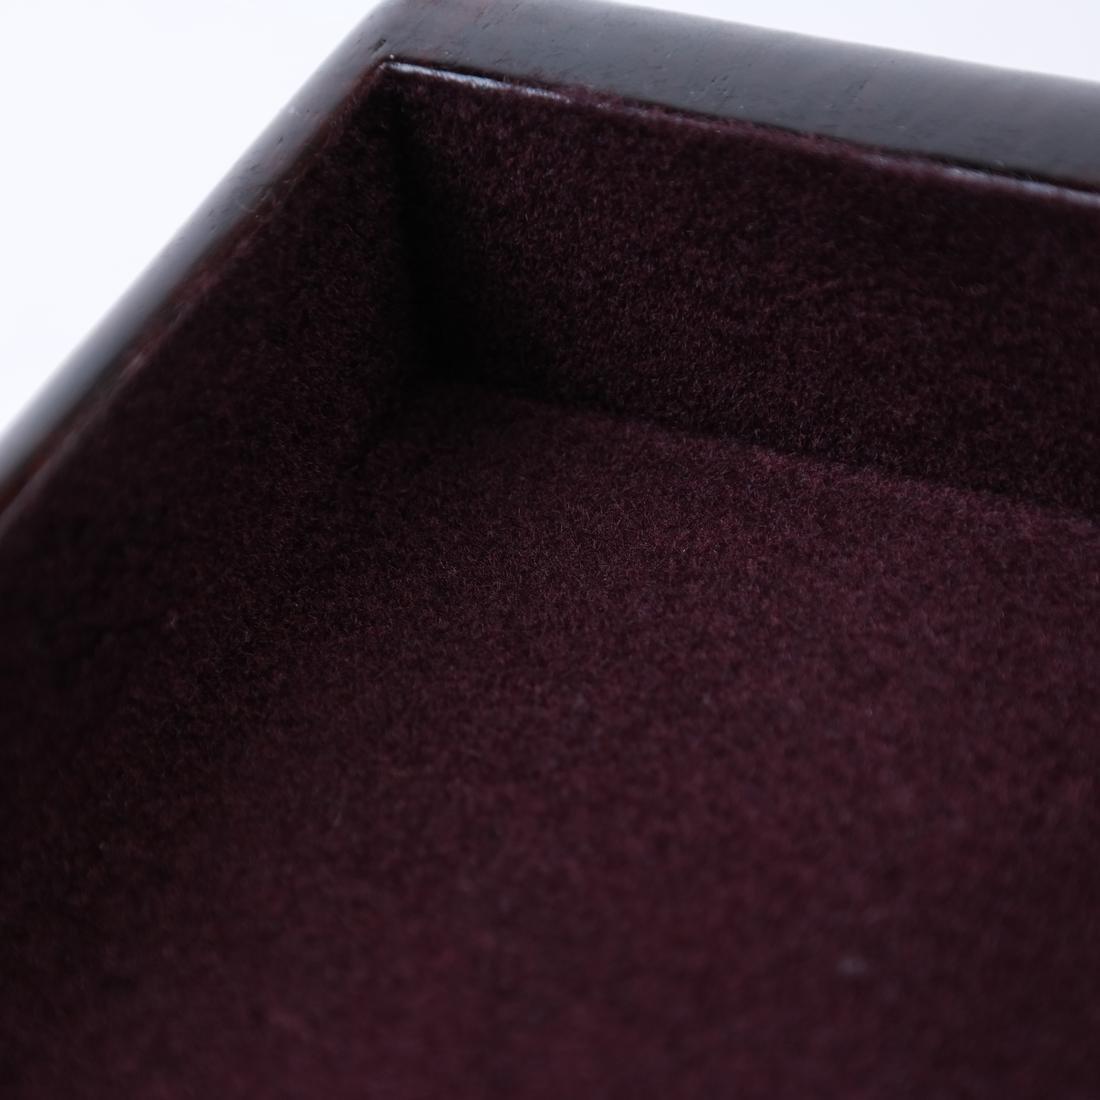 Polished Hardwood Box - 7